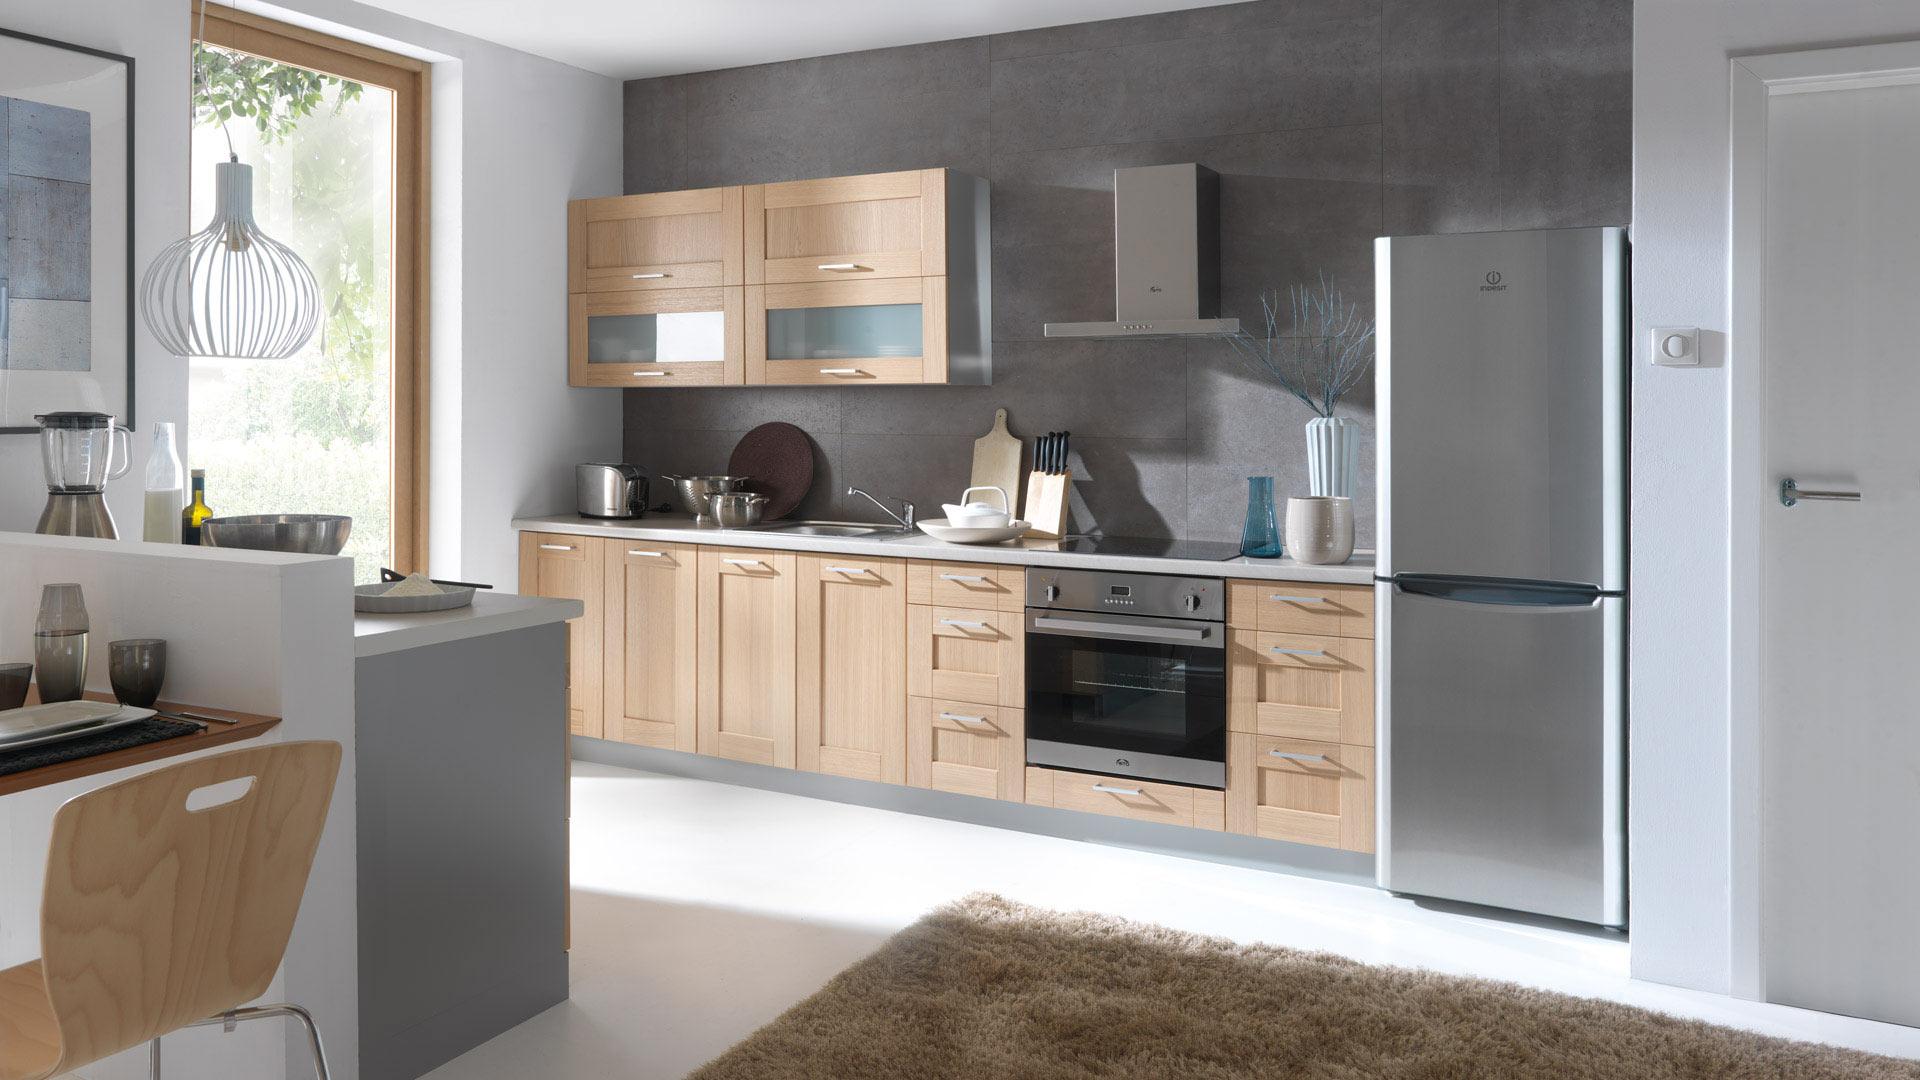 Küche Aus Eiche Modern Erstaunlich On Auf Frontfarbe Plate Echtholz Massivholz 2